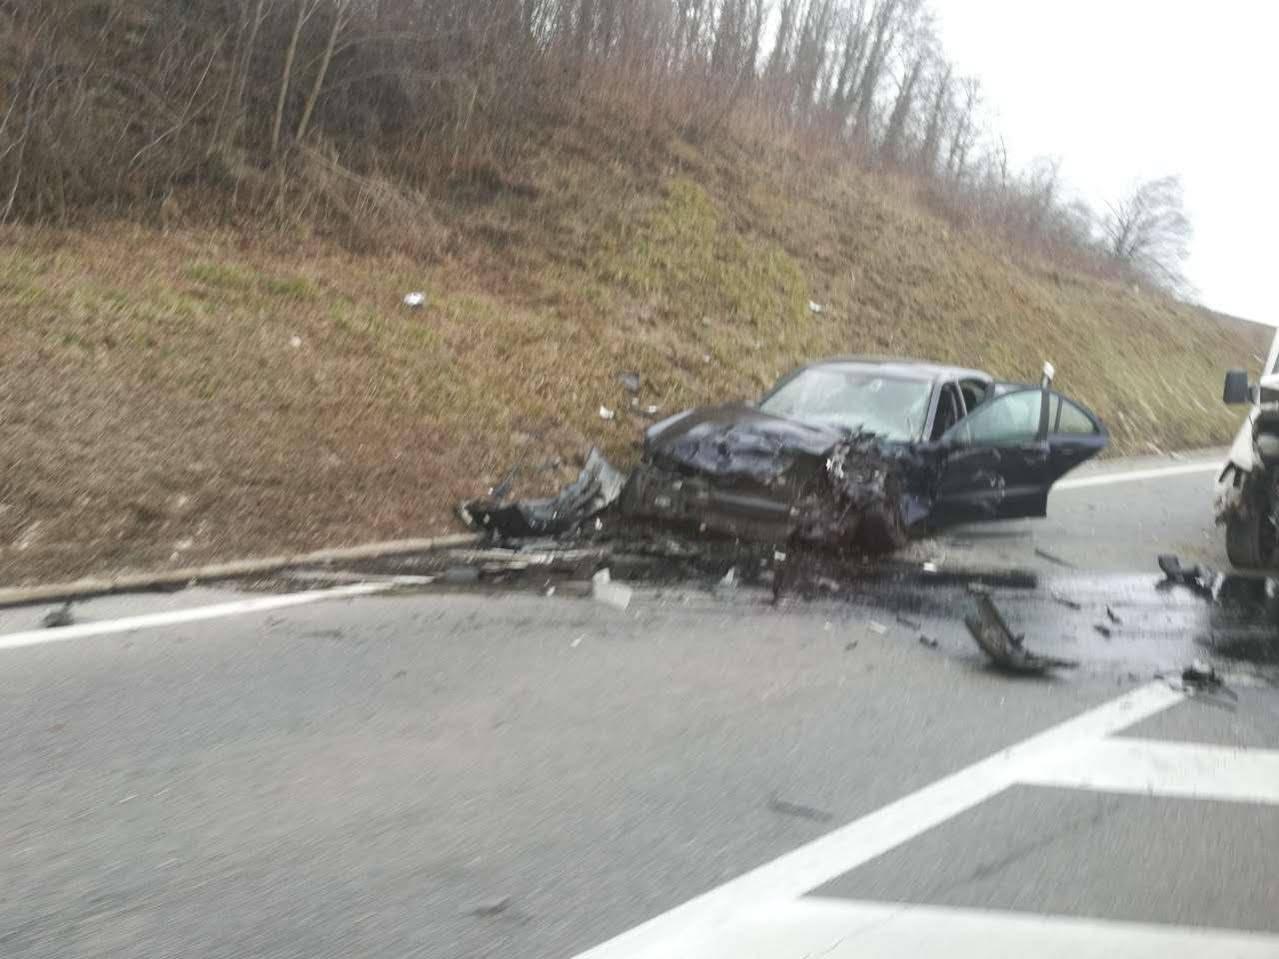 Teška nesreća: Sudarili se auto i kombi, dvoje ljudi ozlijeđeno